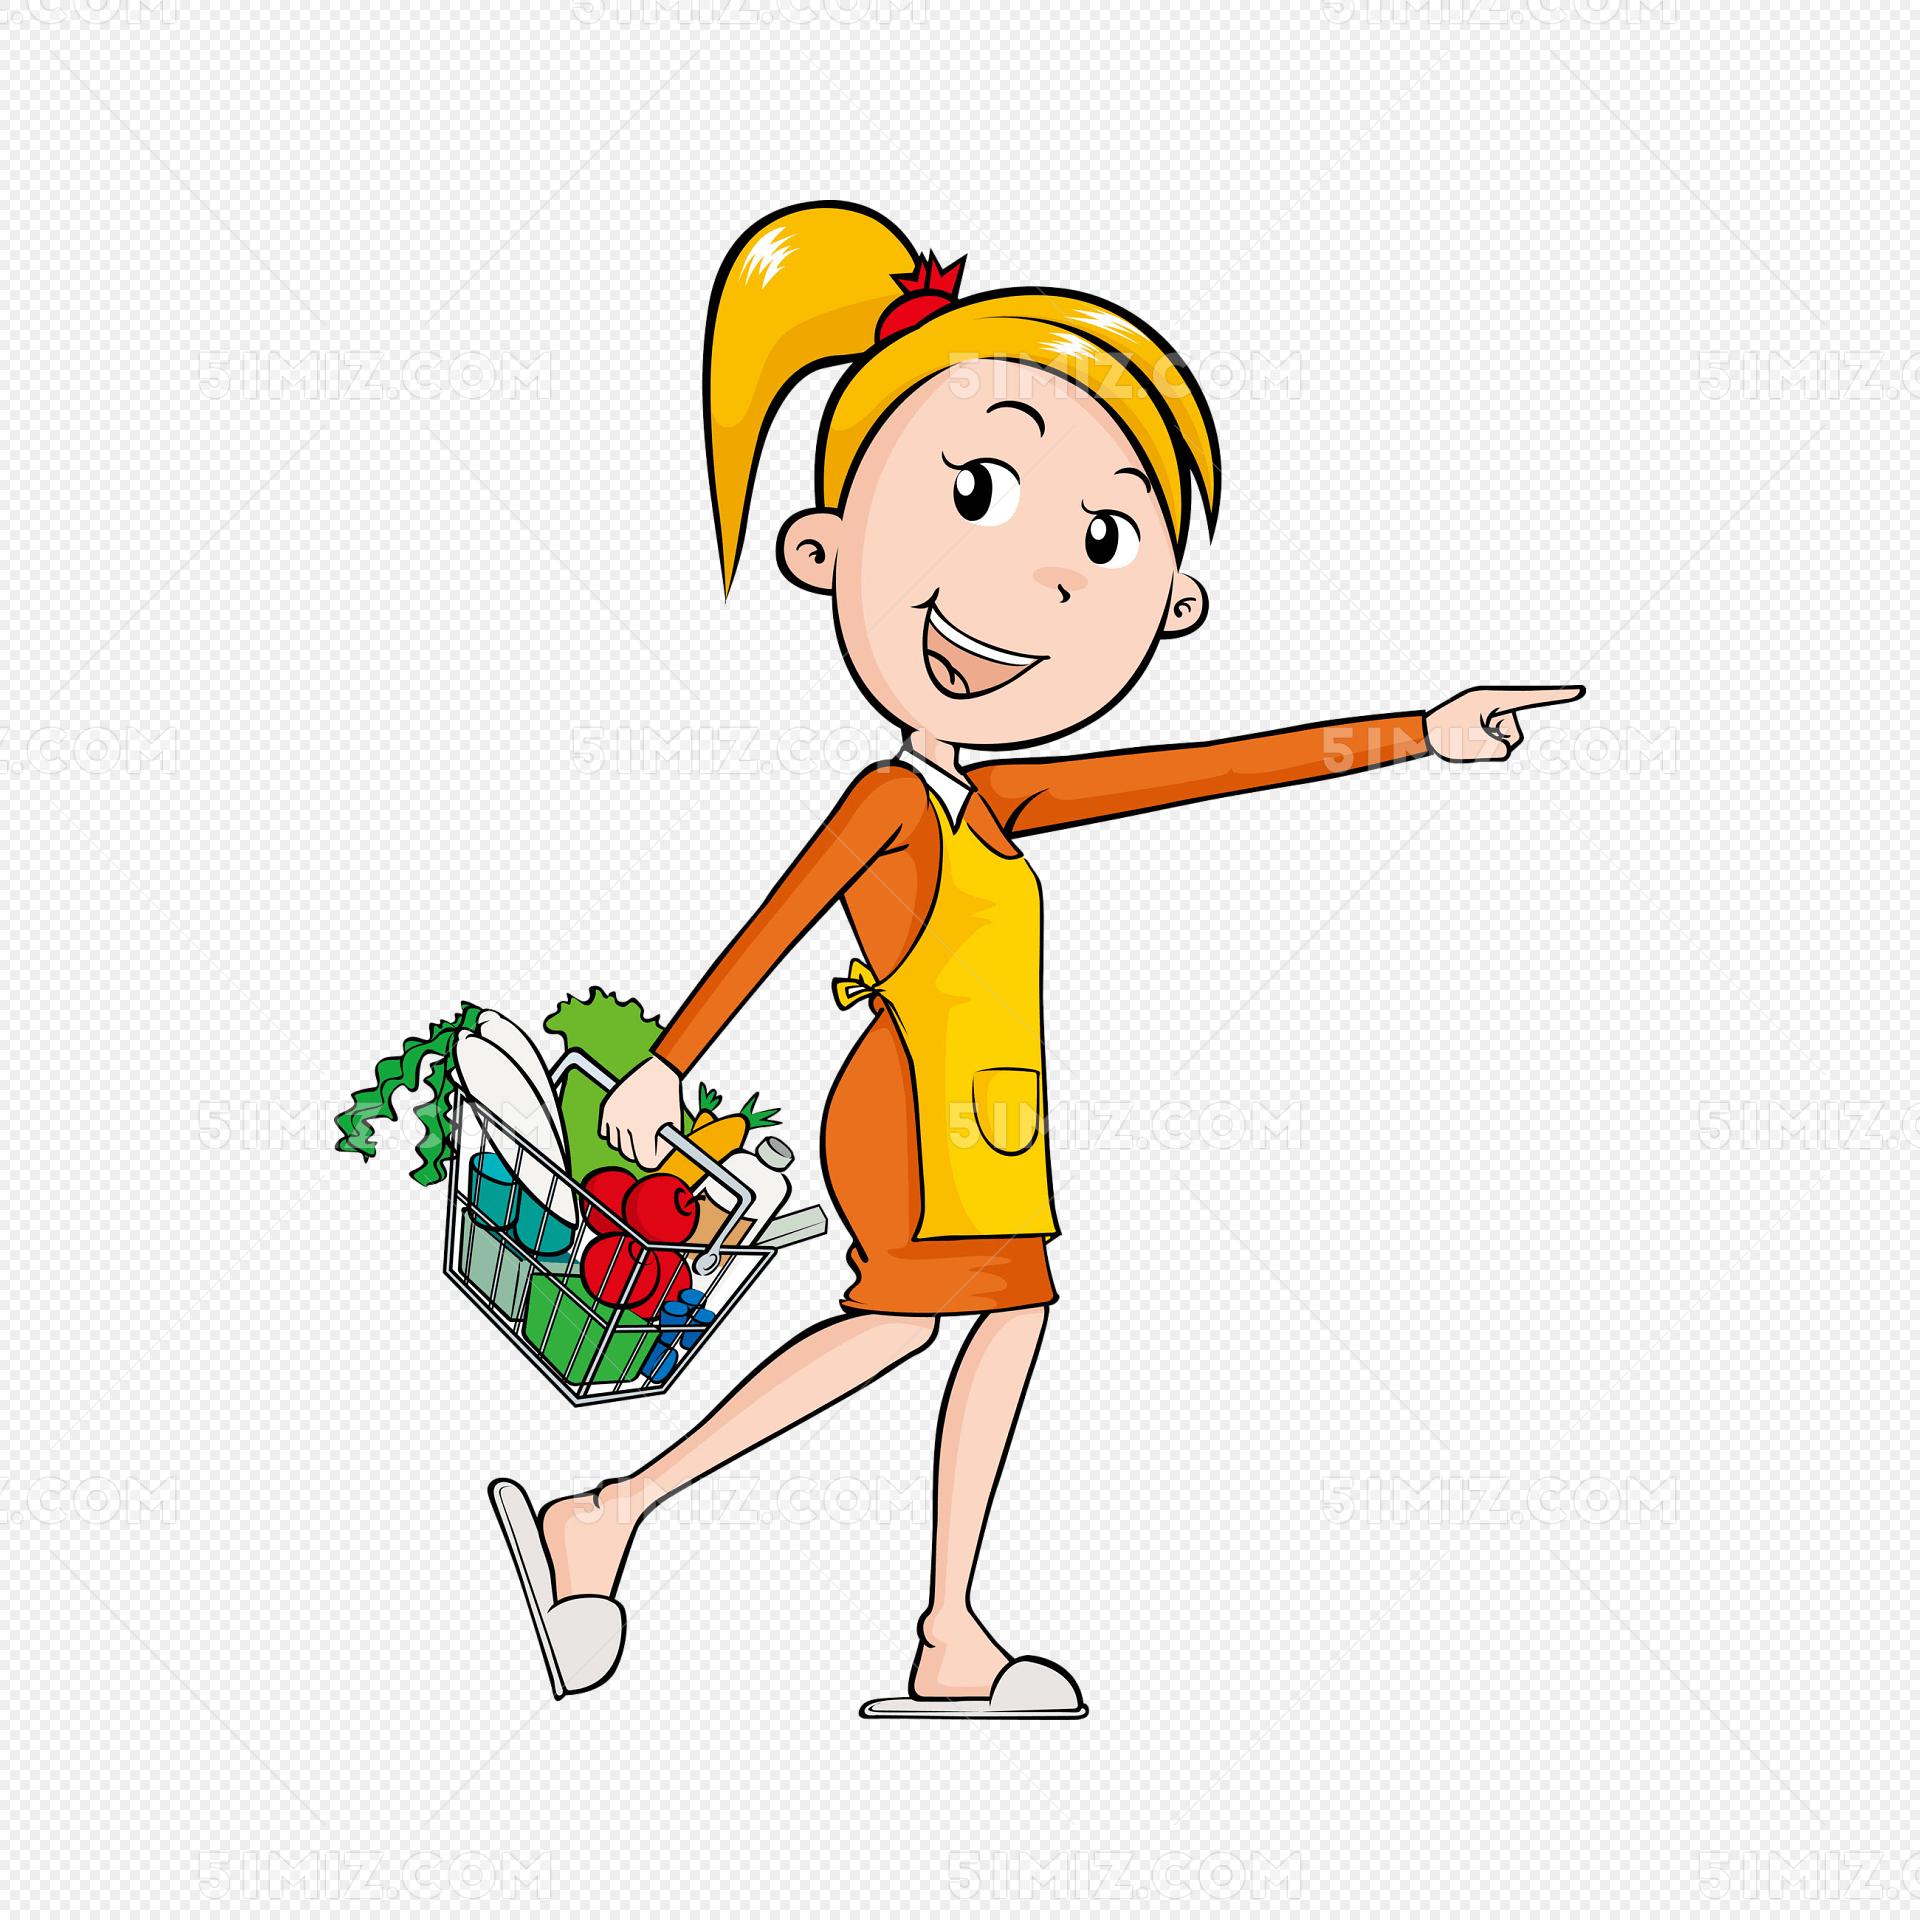 买菜的女人场景图图片